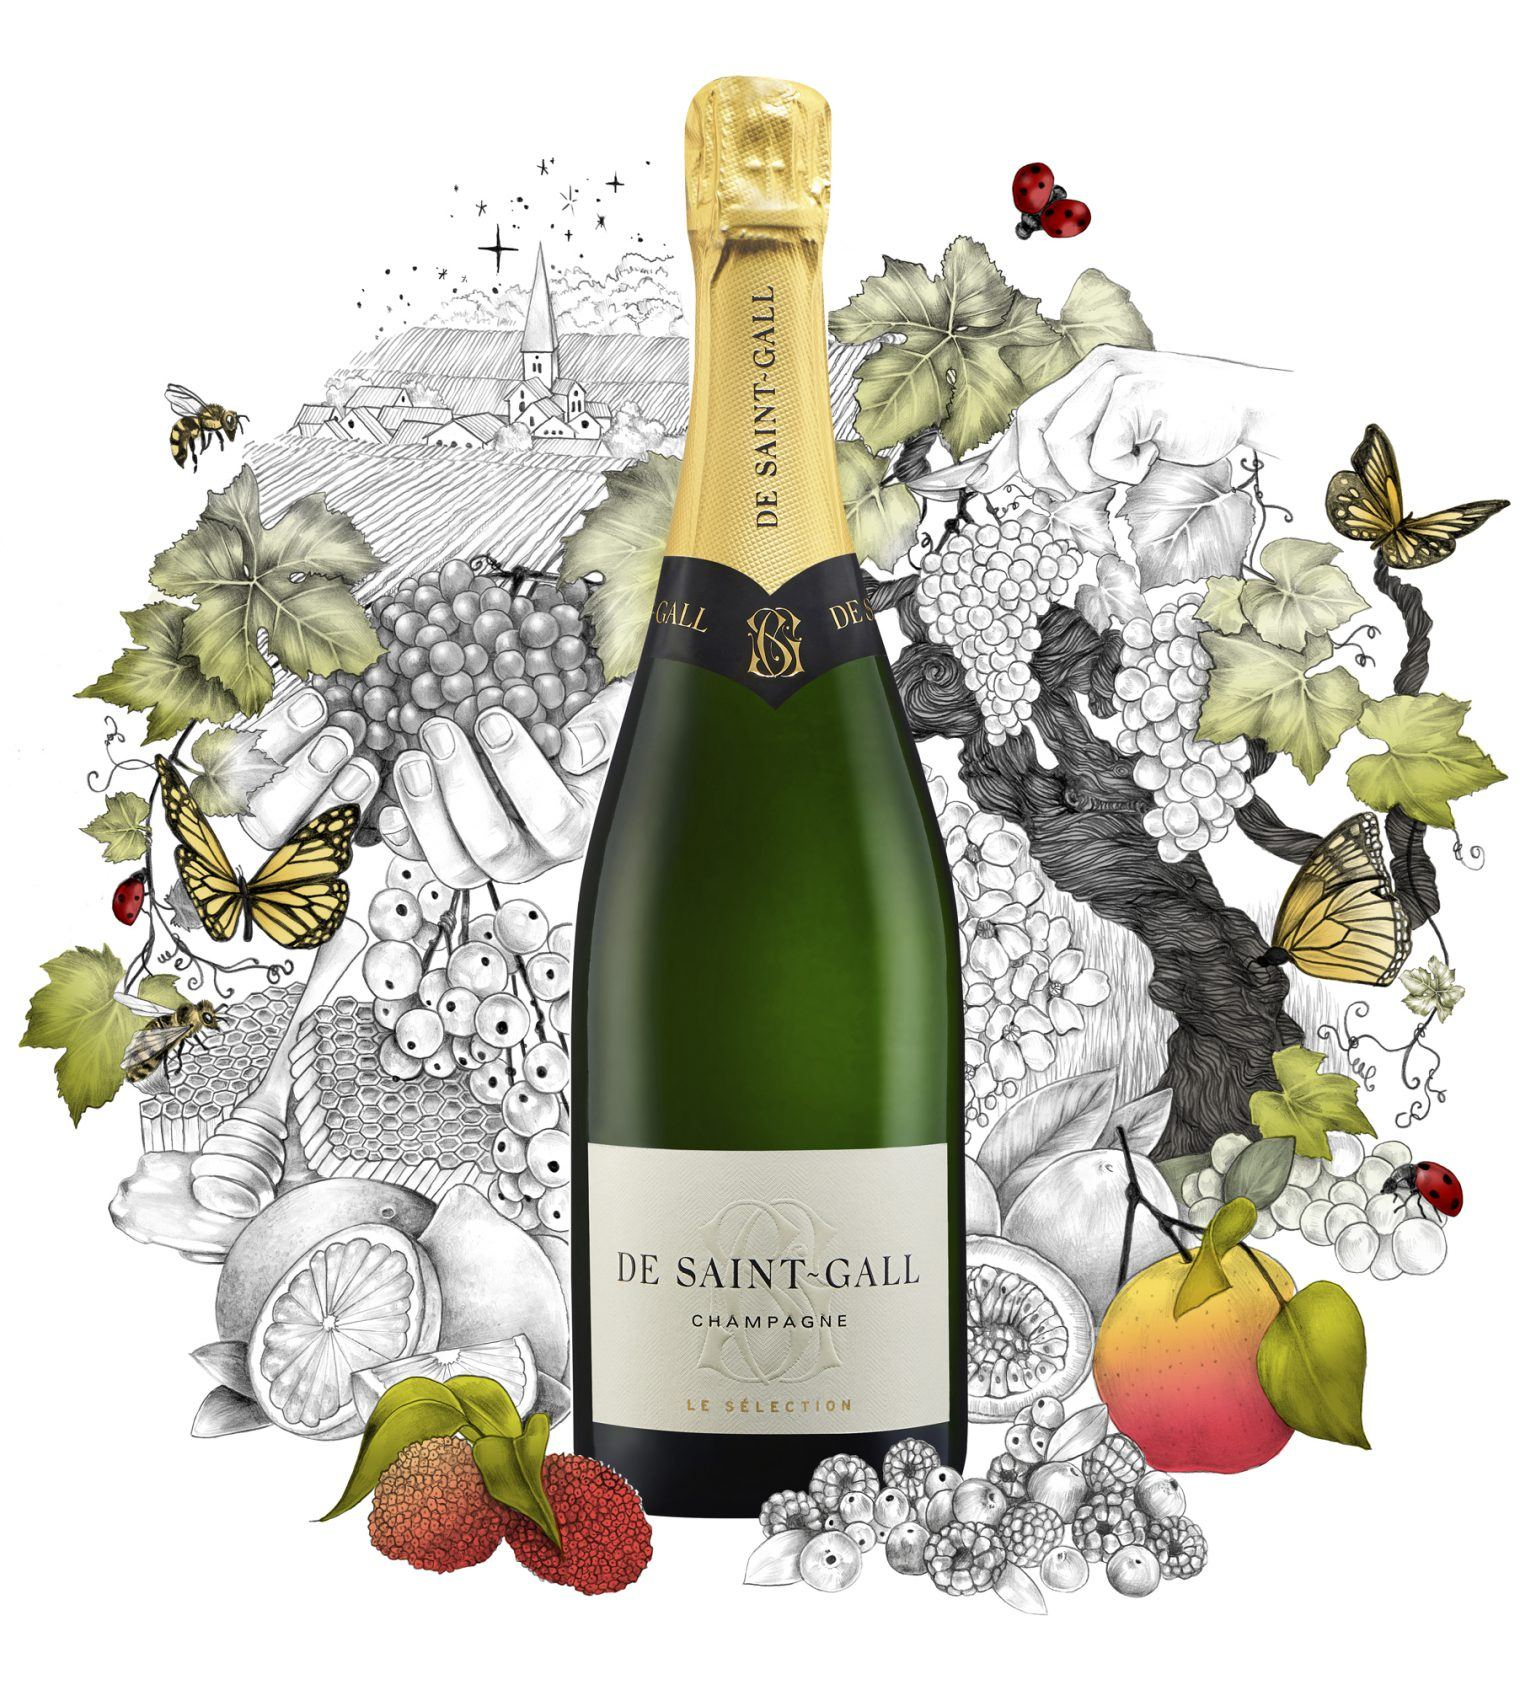 Bon Champagne Le Sélection De Saint-Gall